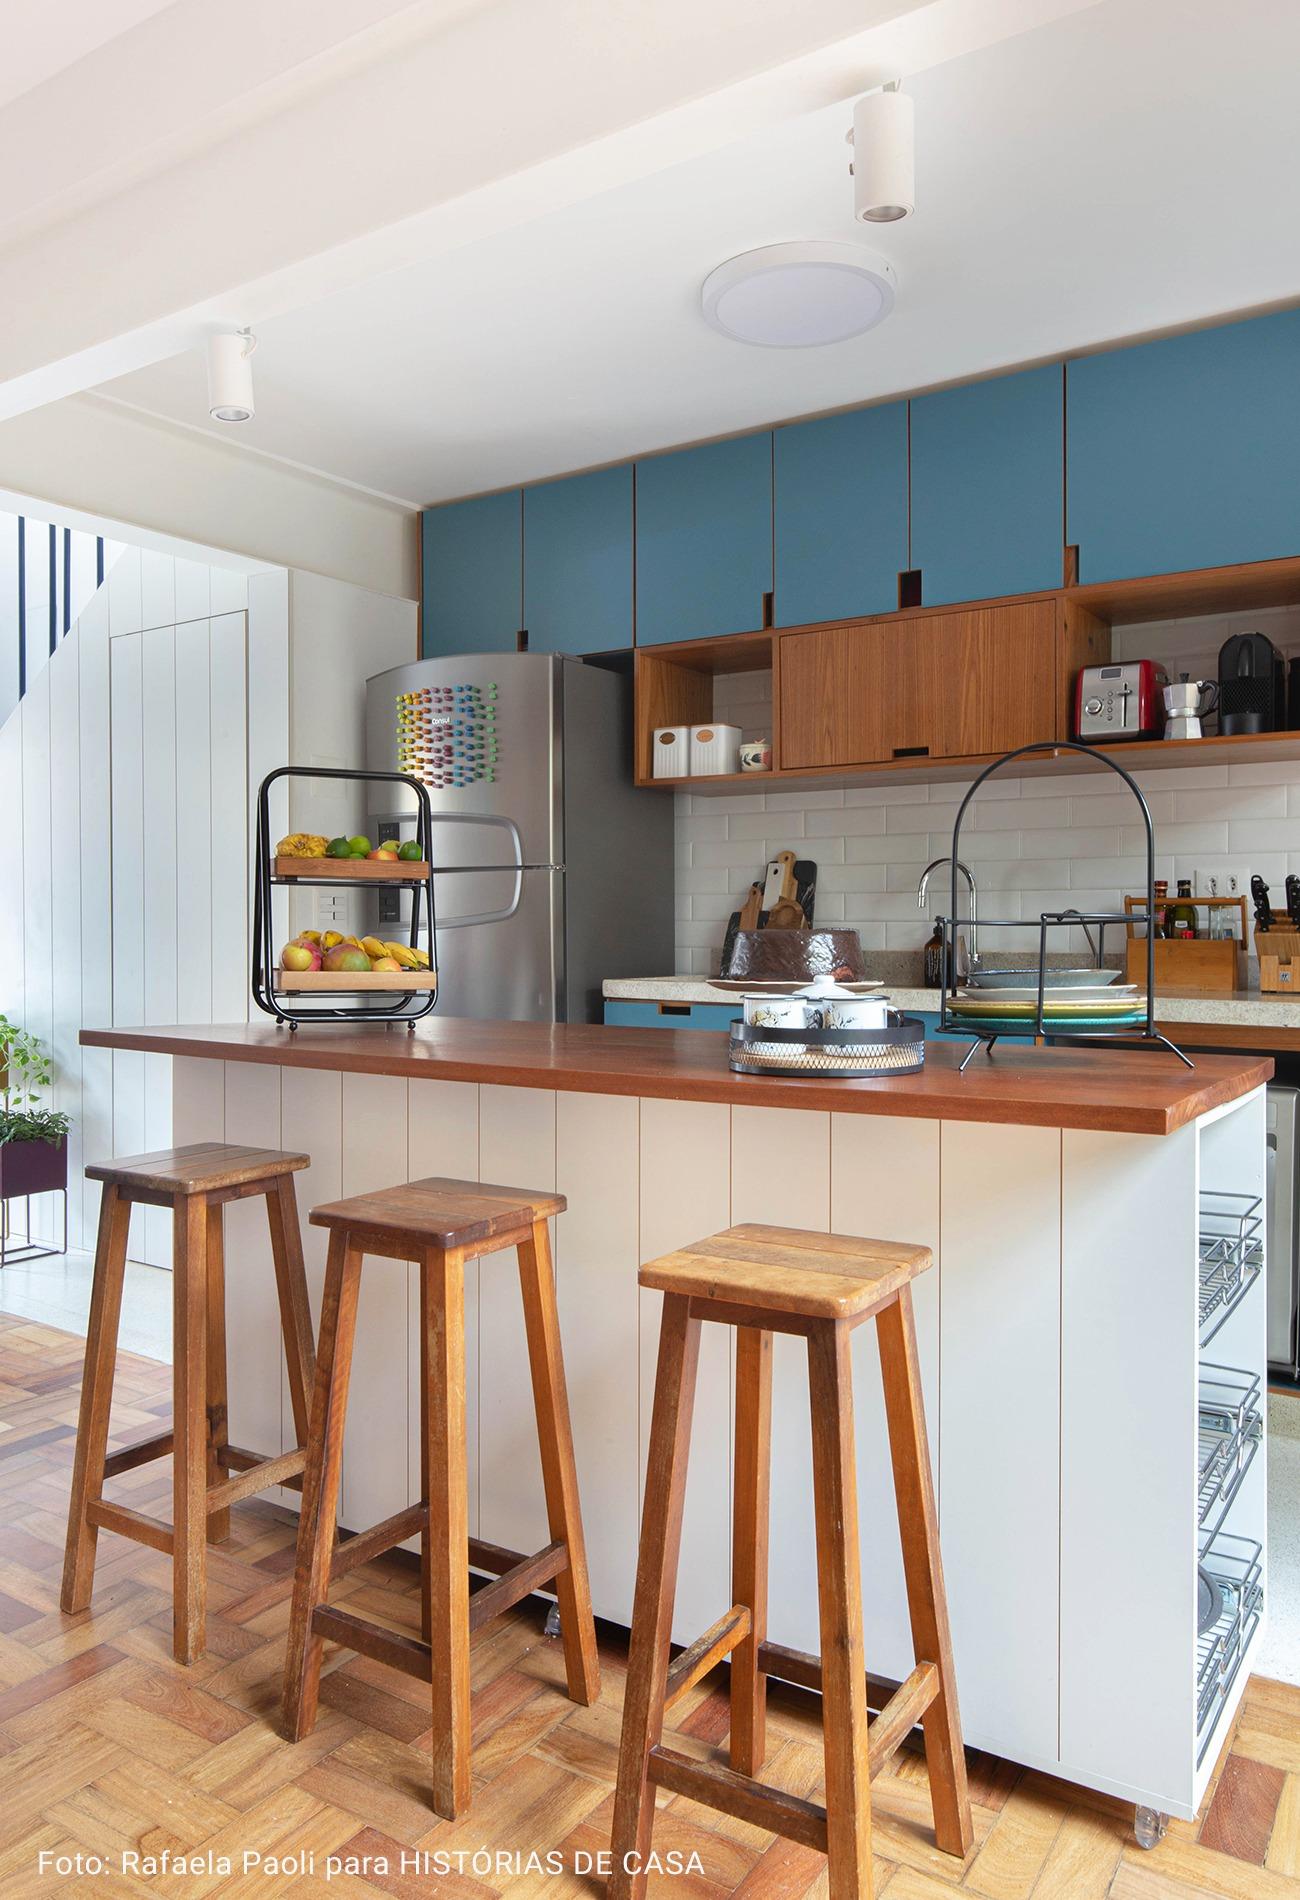 cozinha americana com bancos de madeira